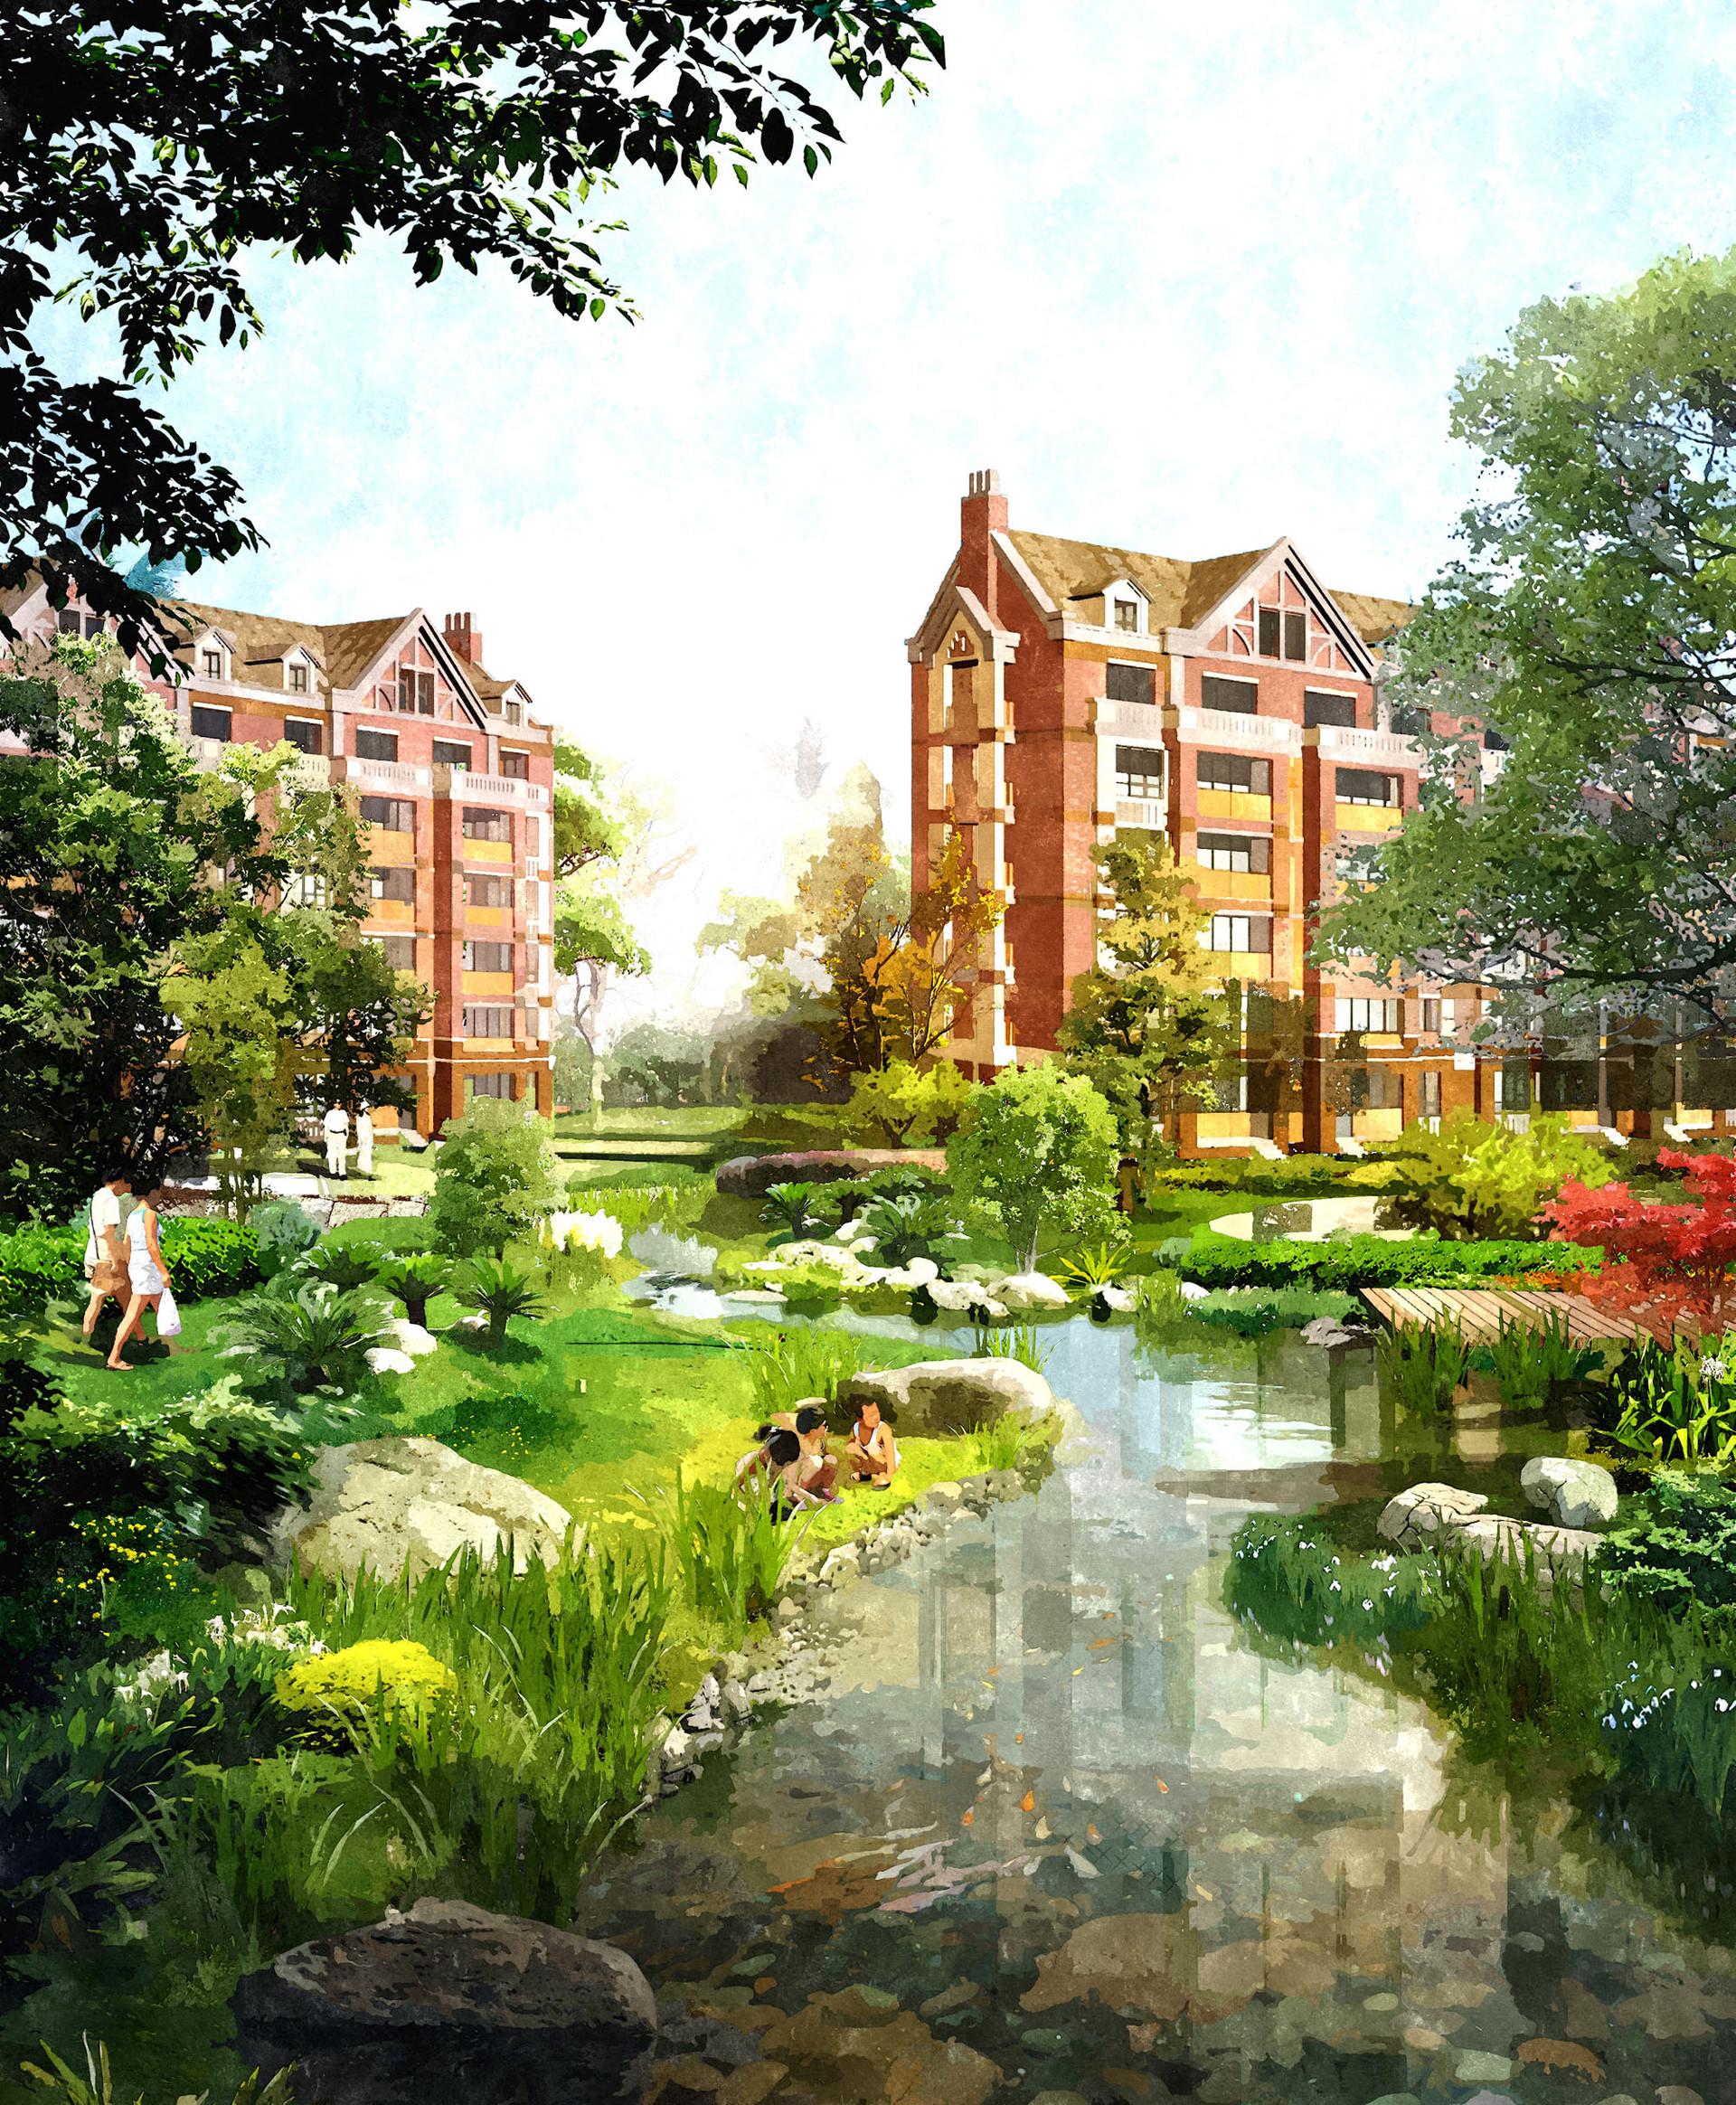 랴오닝성 푸신 녹지 주거단지 계획1.jpg